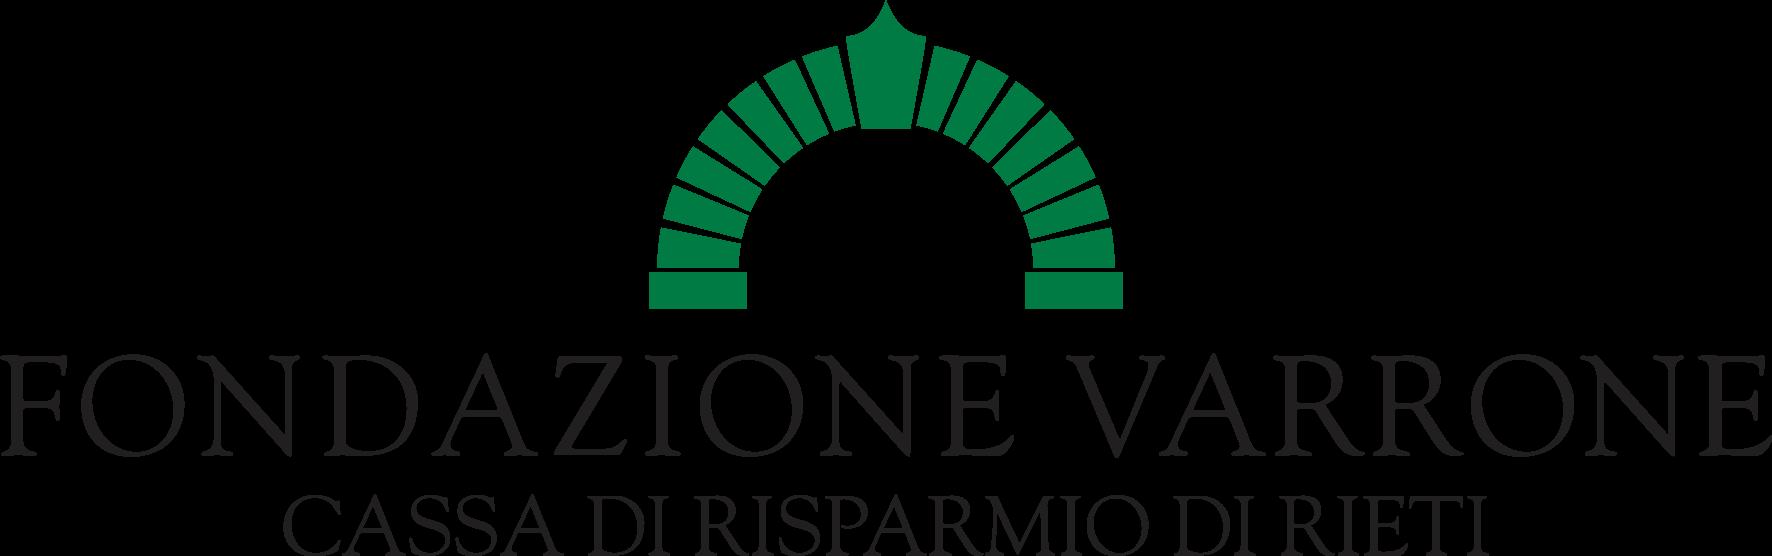 Risultati immagini per logo fondazione varrone